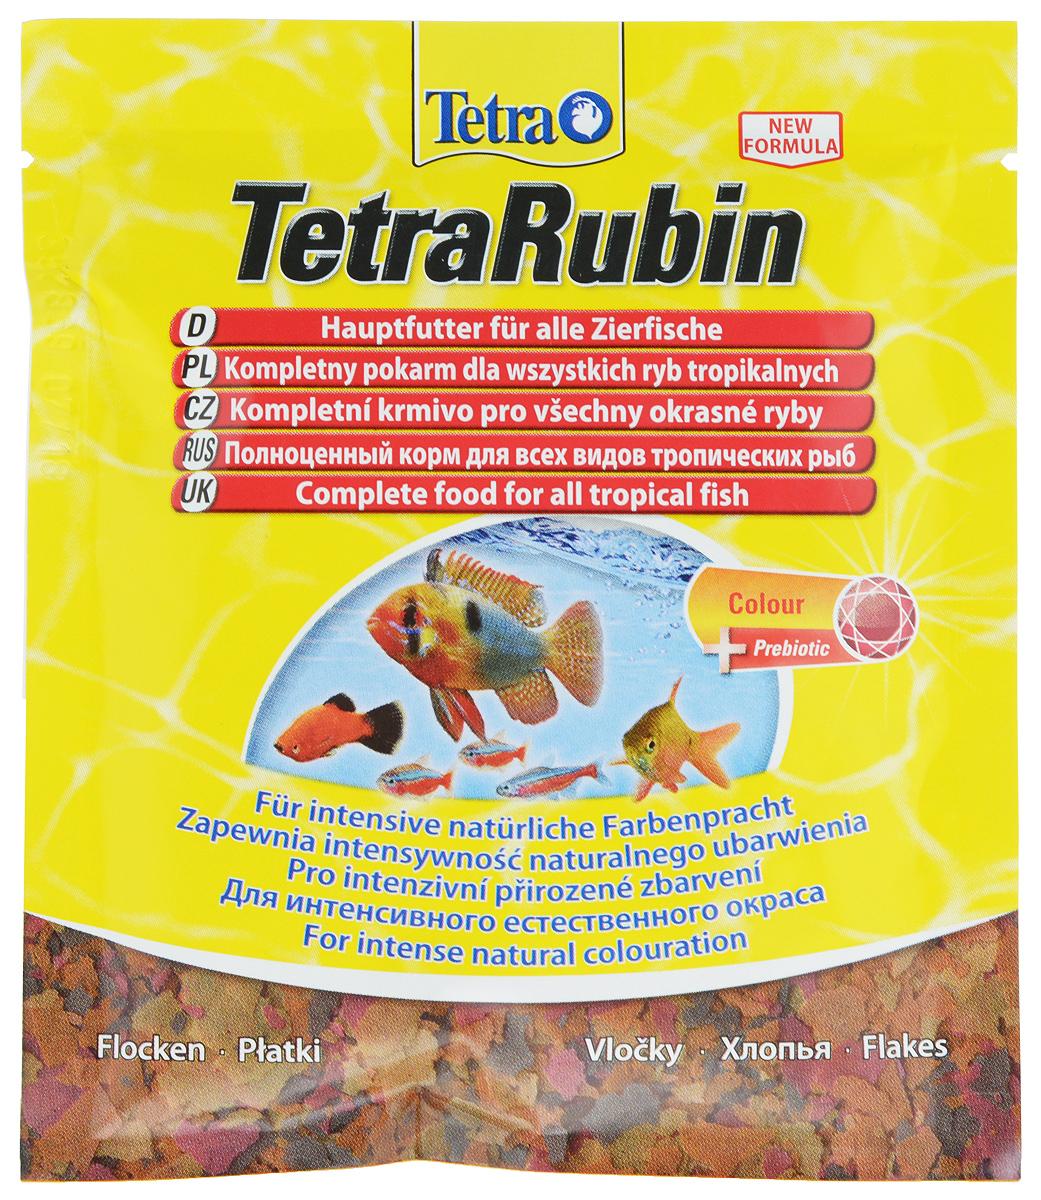 Корм Tetra TetraRubin для улучшения окраса всех видов тропических рыб, 12 г корм tetra tetramin для всех видов тропических рыб хлопья 63 г